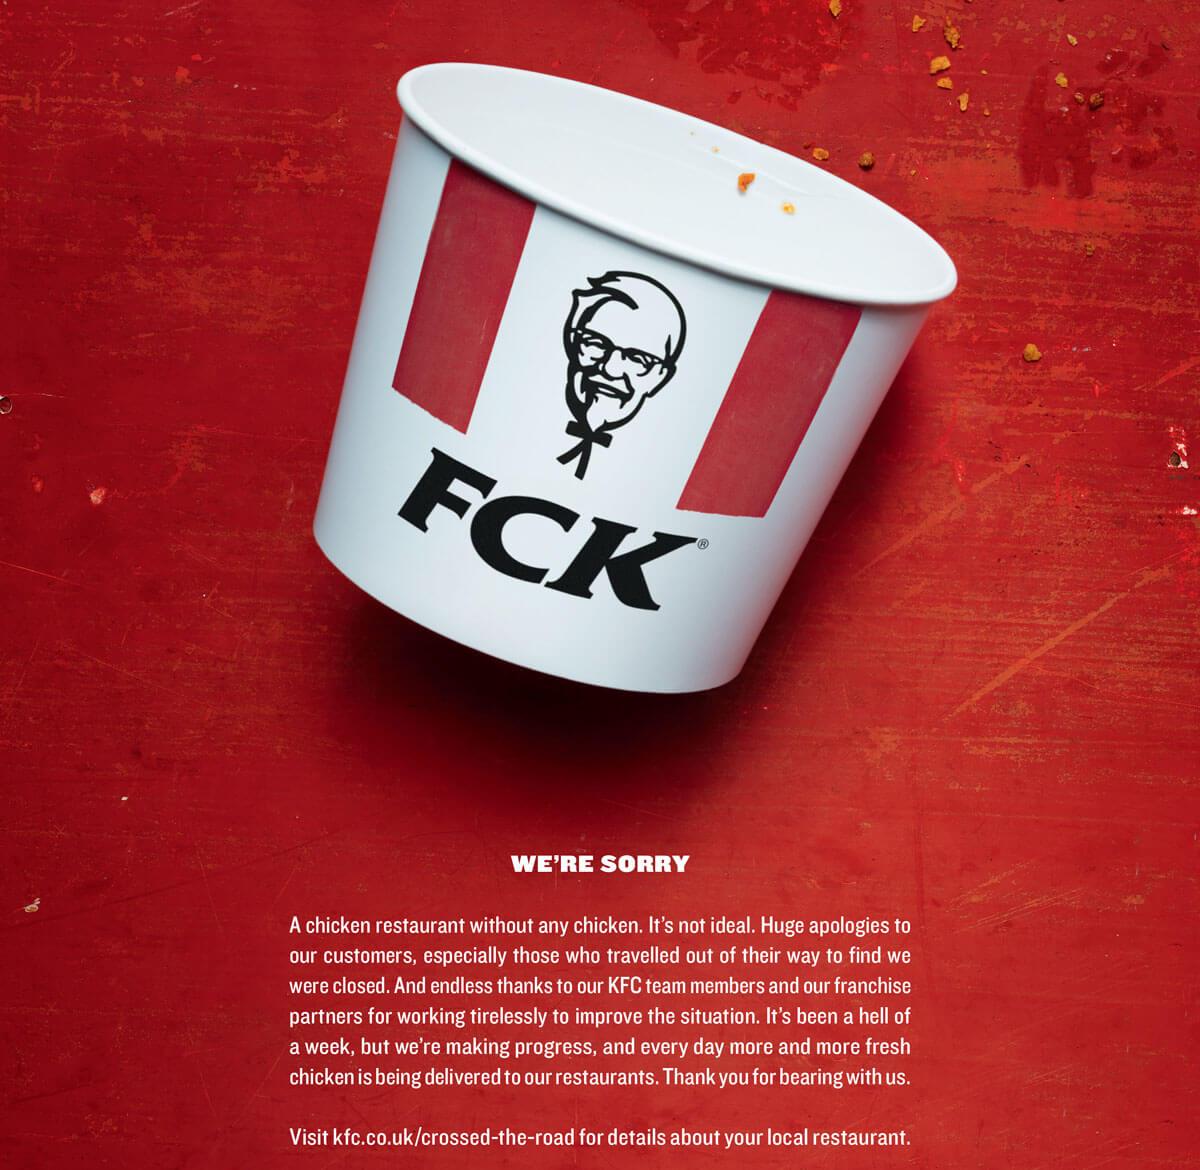 Шедевры рекламы - FCK